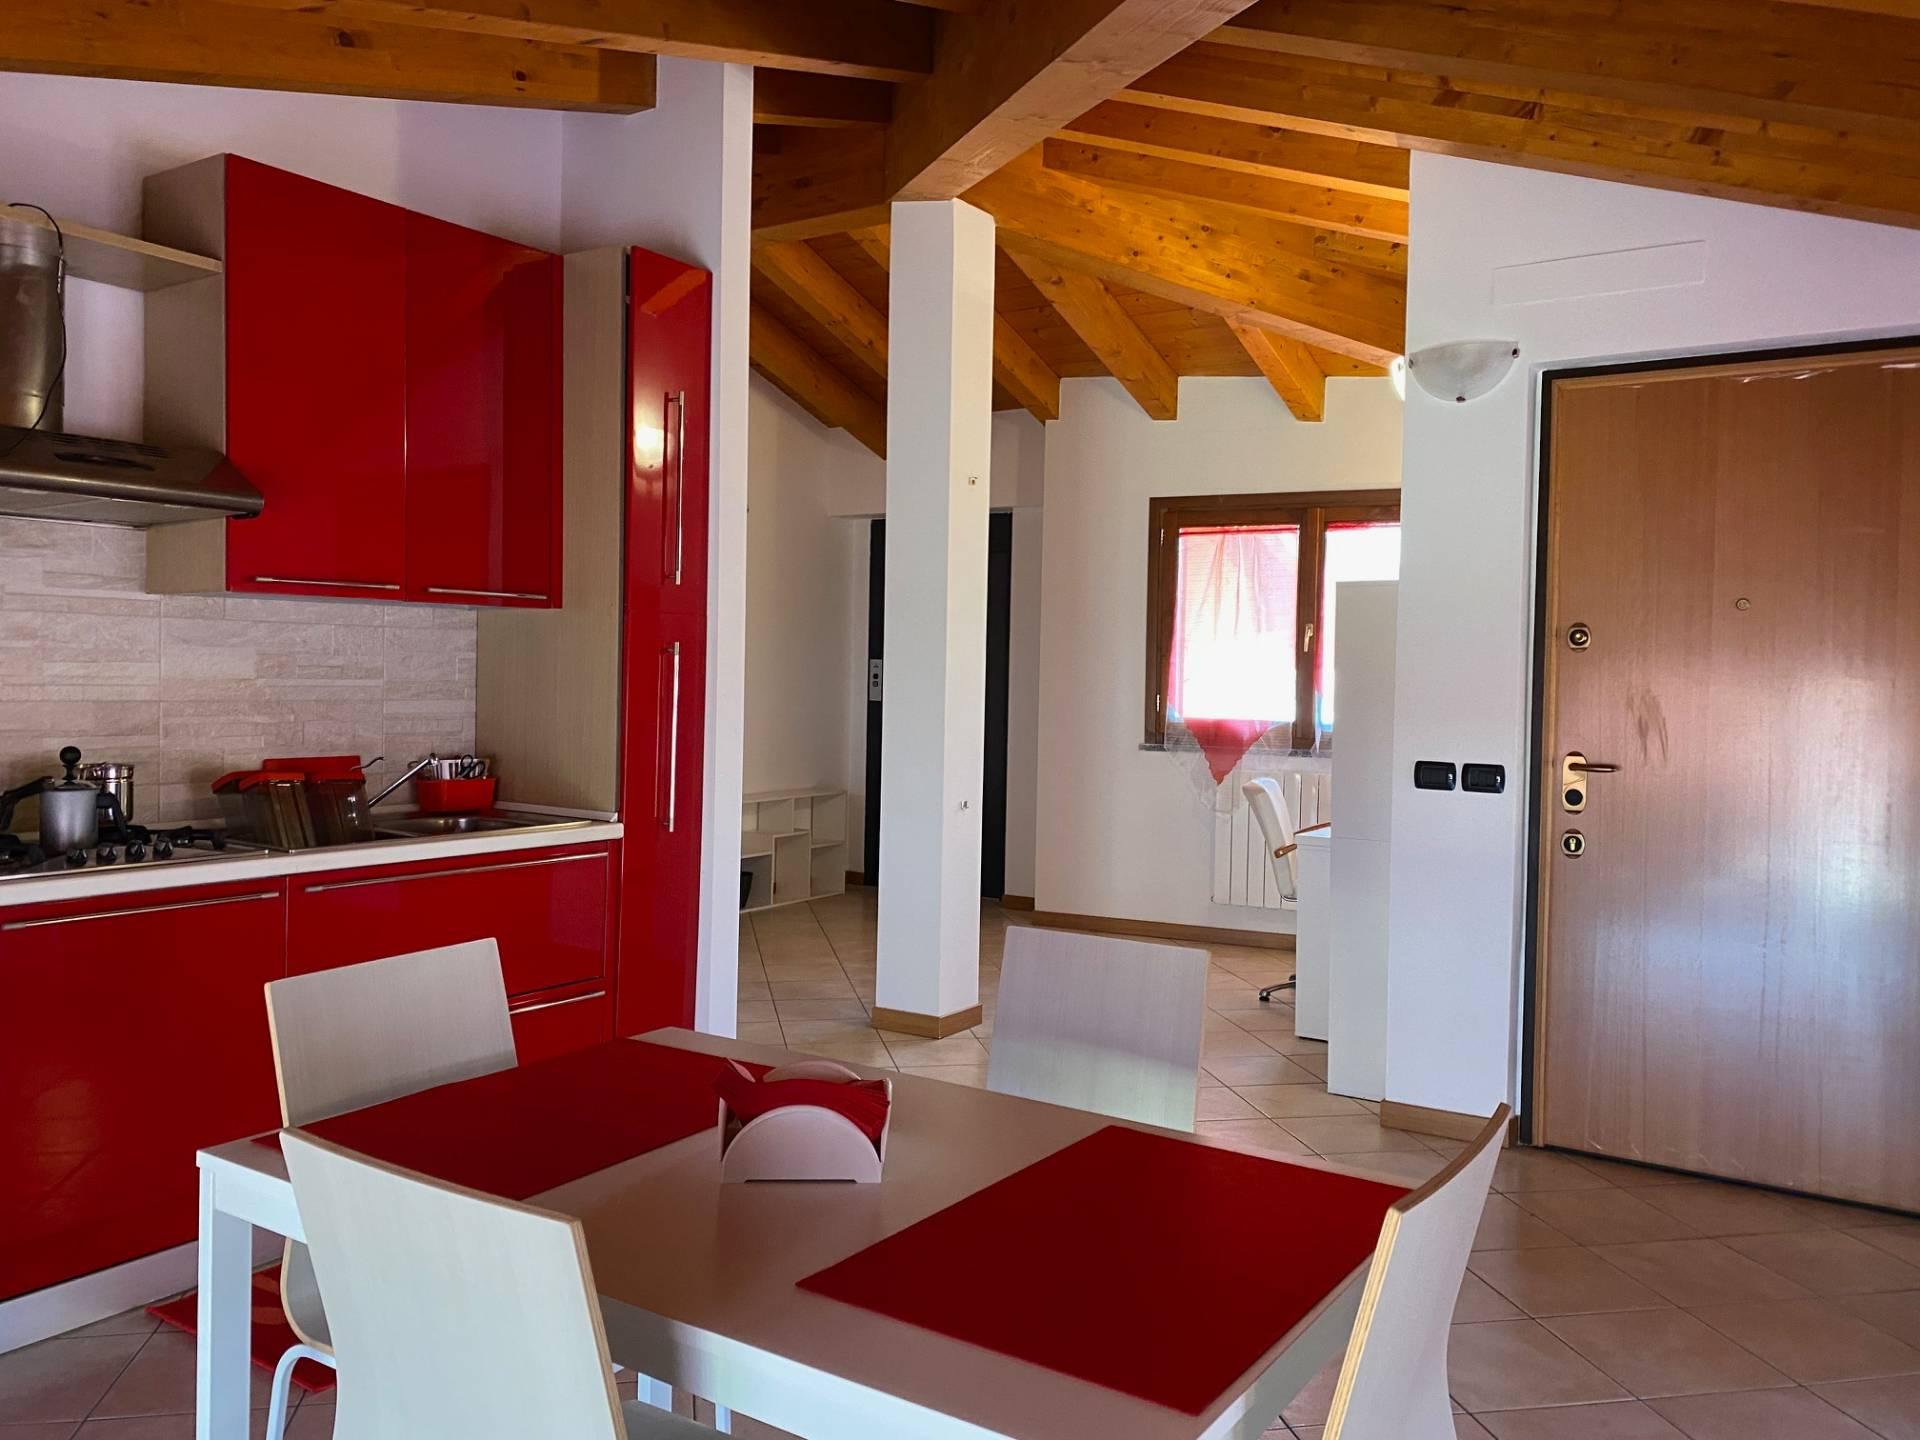 Appartamento in vendita a Palosco, 3 locali, prezzo € 75.000 | PortaleAgenzieImmobiliari.it